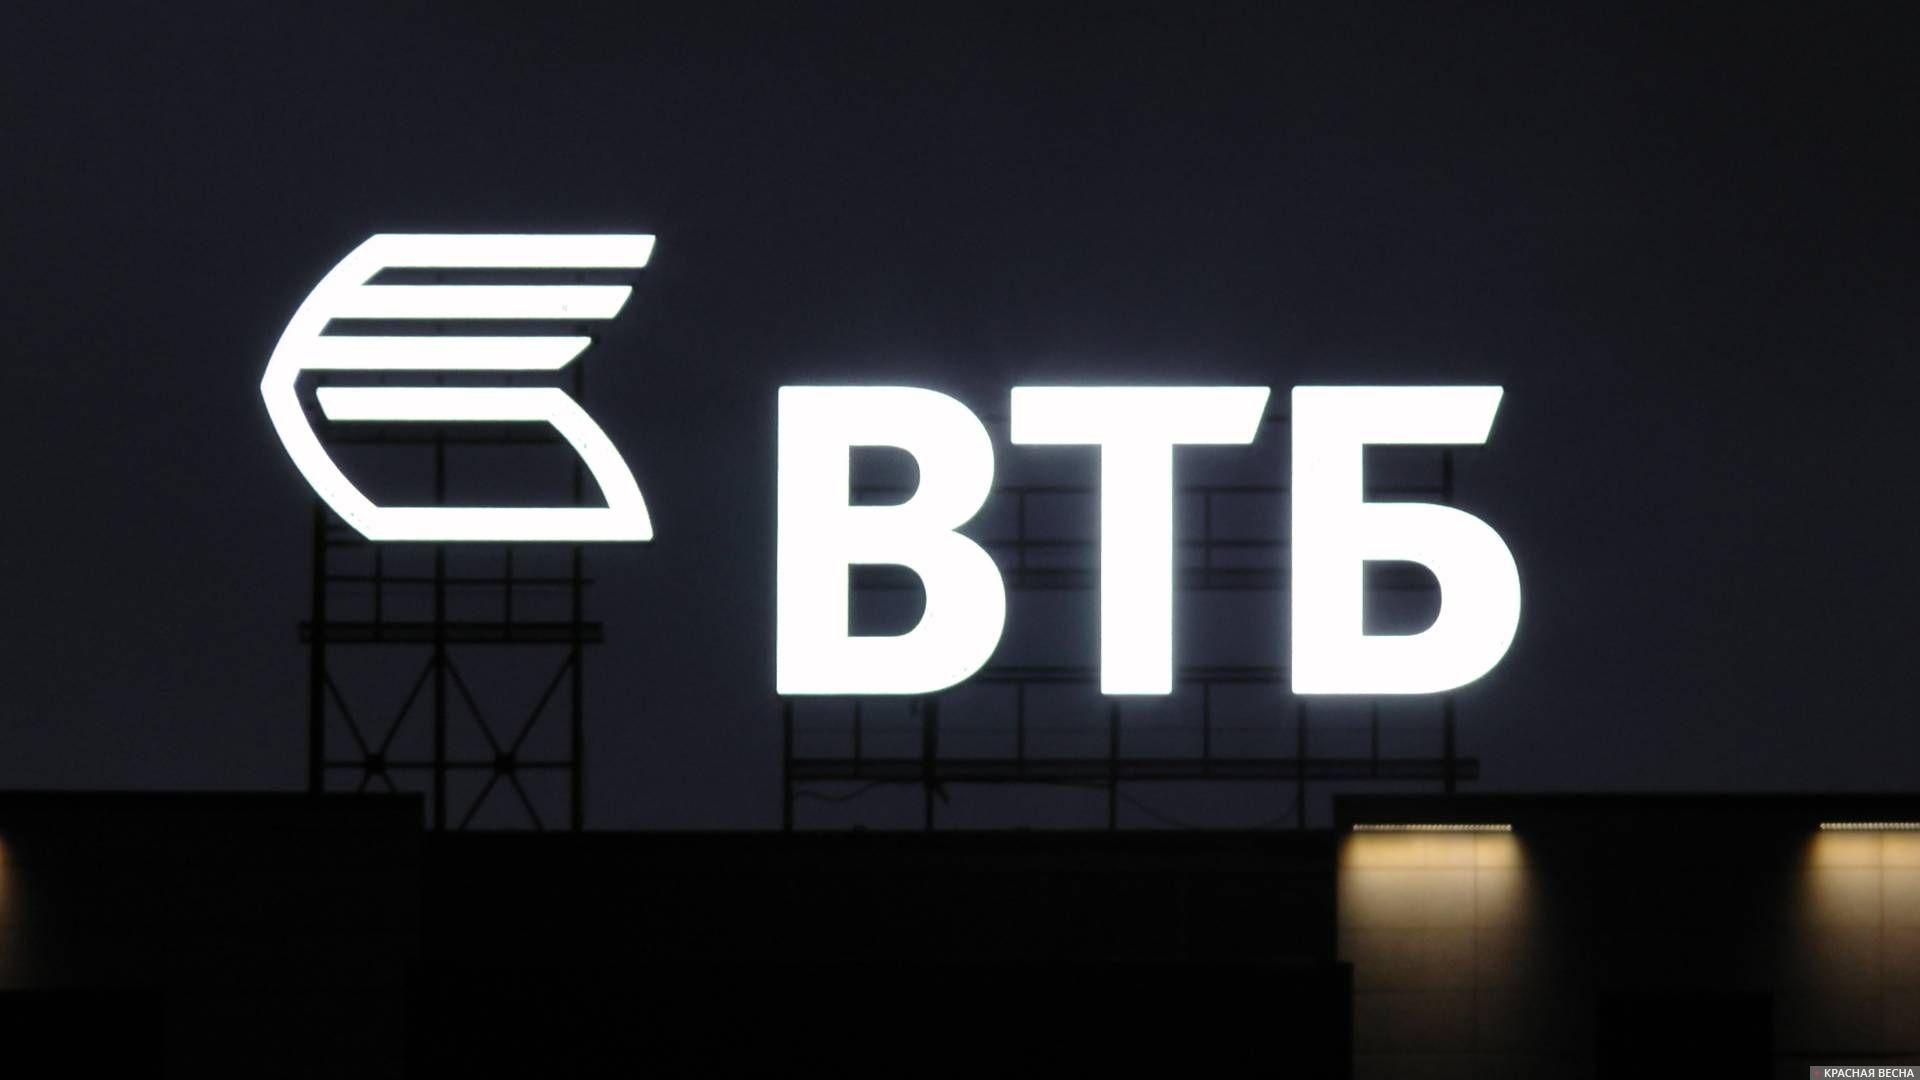 ВТБ. Банк